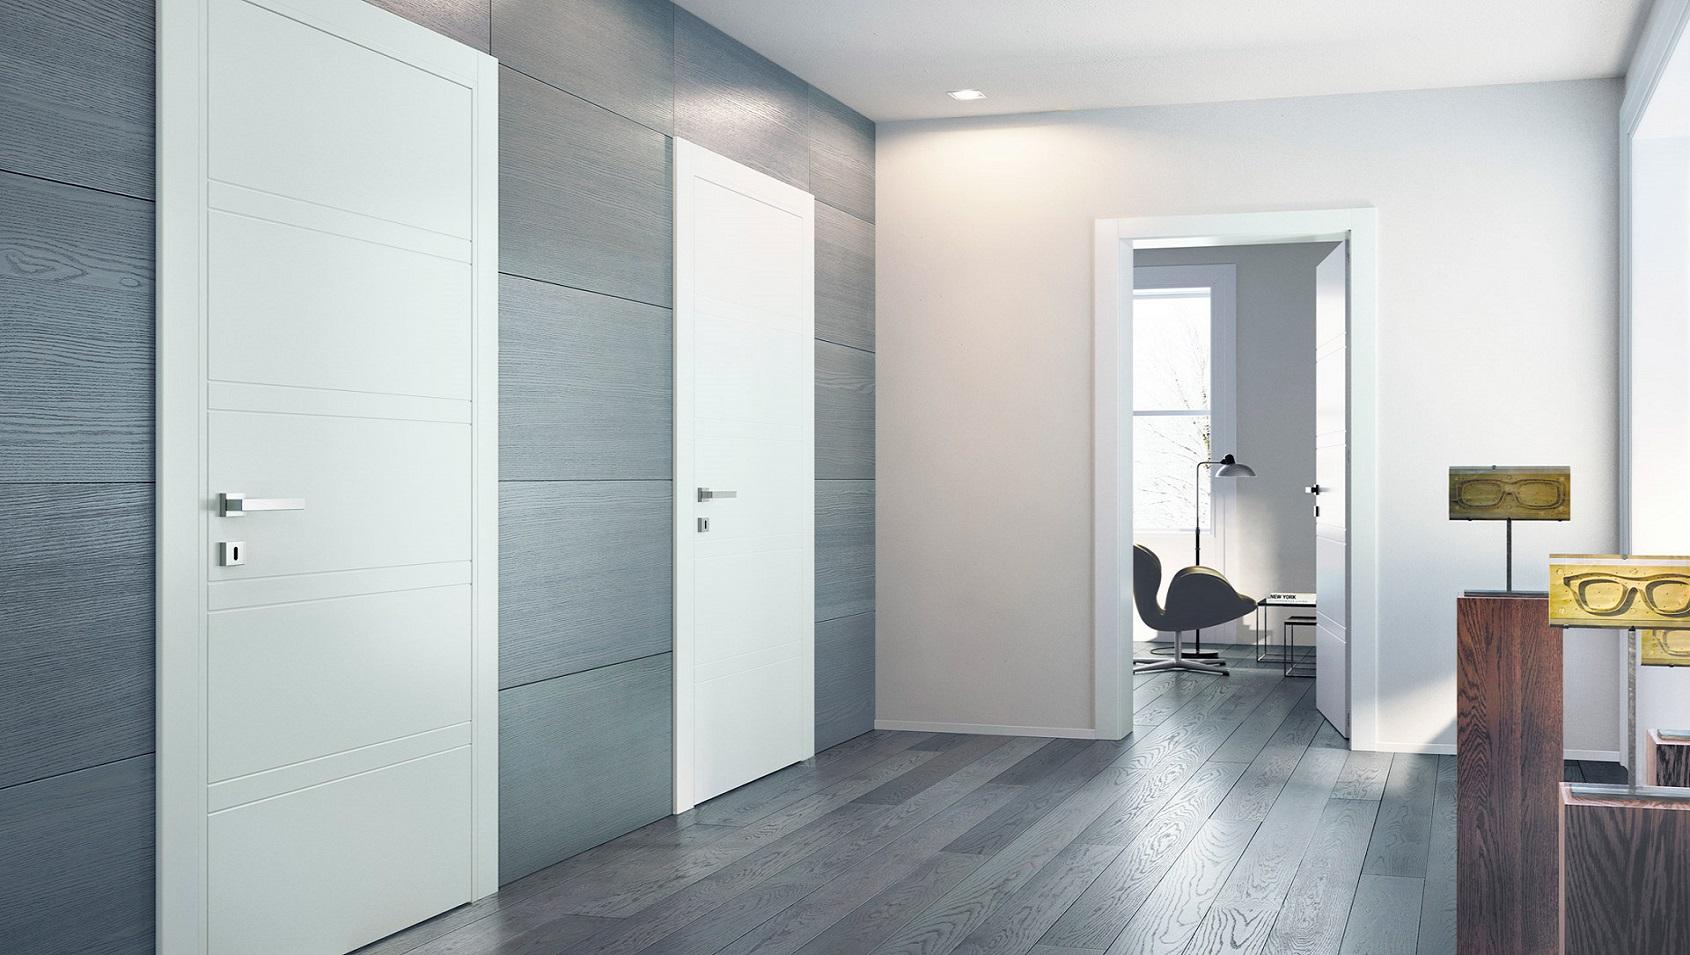 Biser porte per interni porte per hotel porte for Porte interne trento prezzi